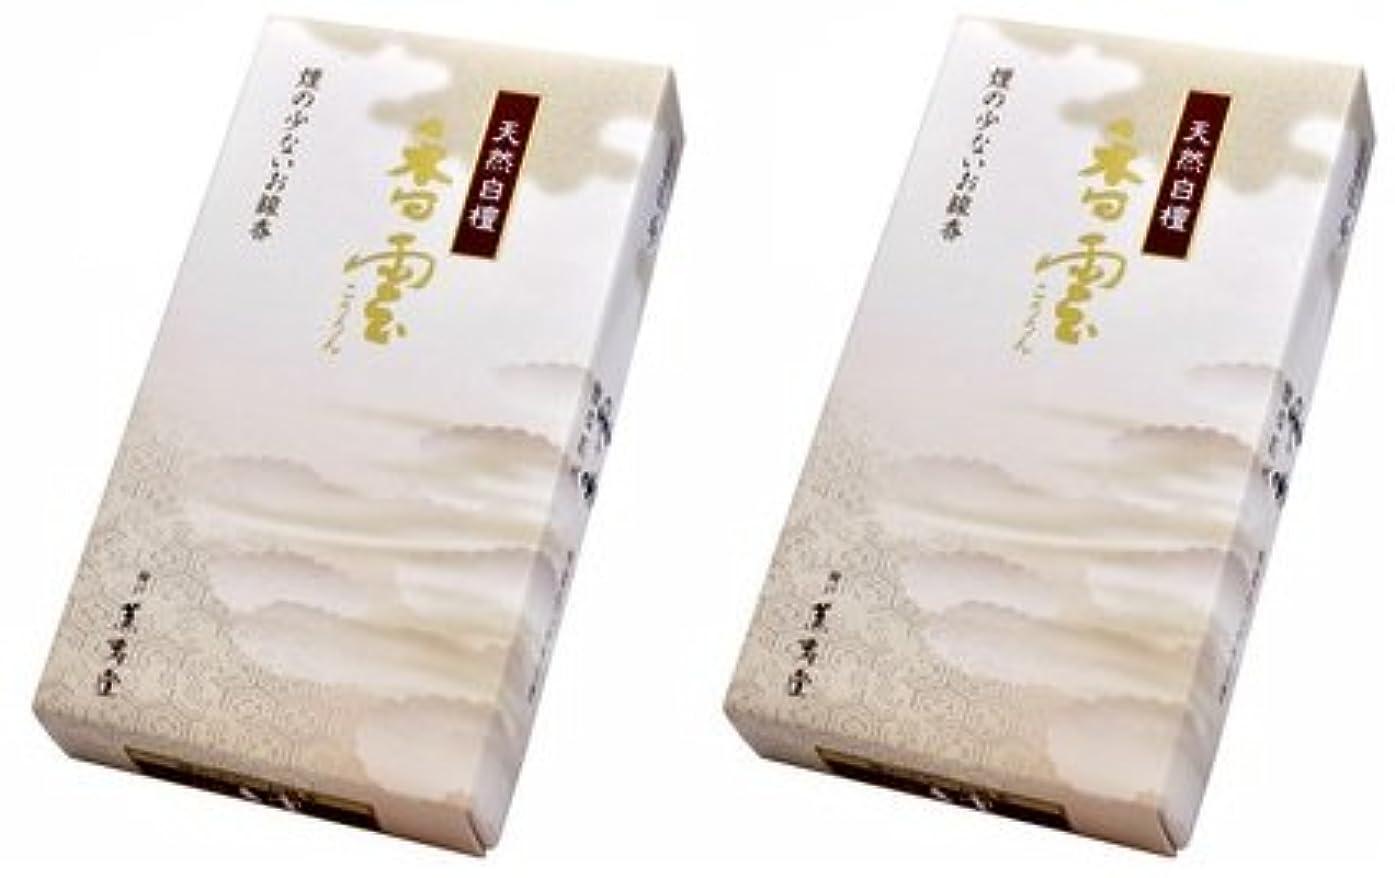 社会カンガルー引き出す薫寿堂 香雲 バラ詰 2箱セット